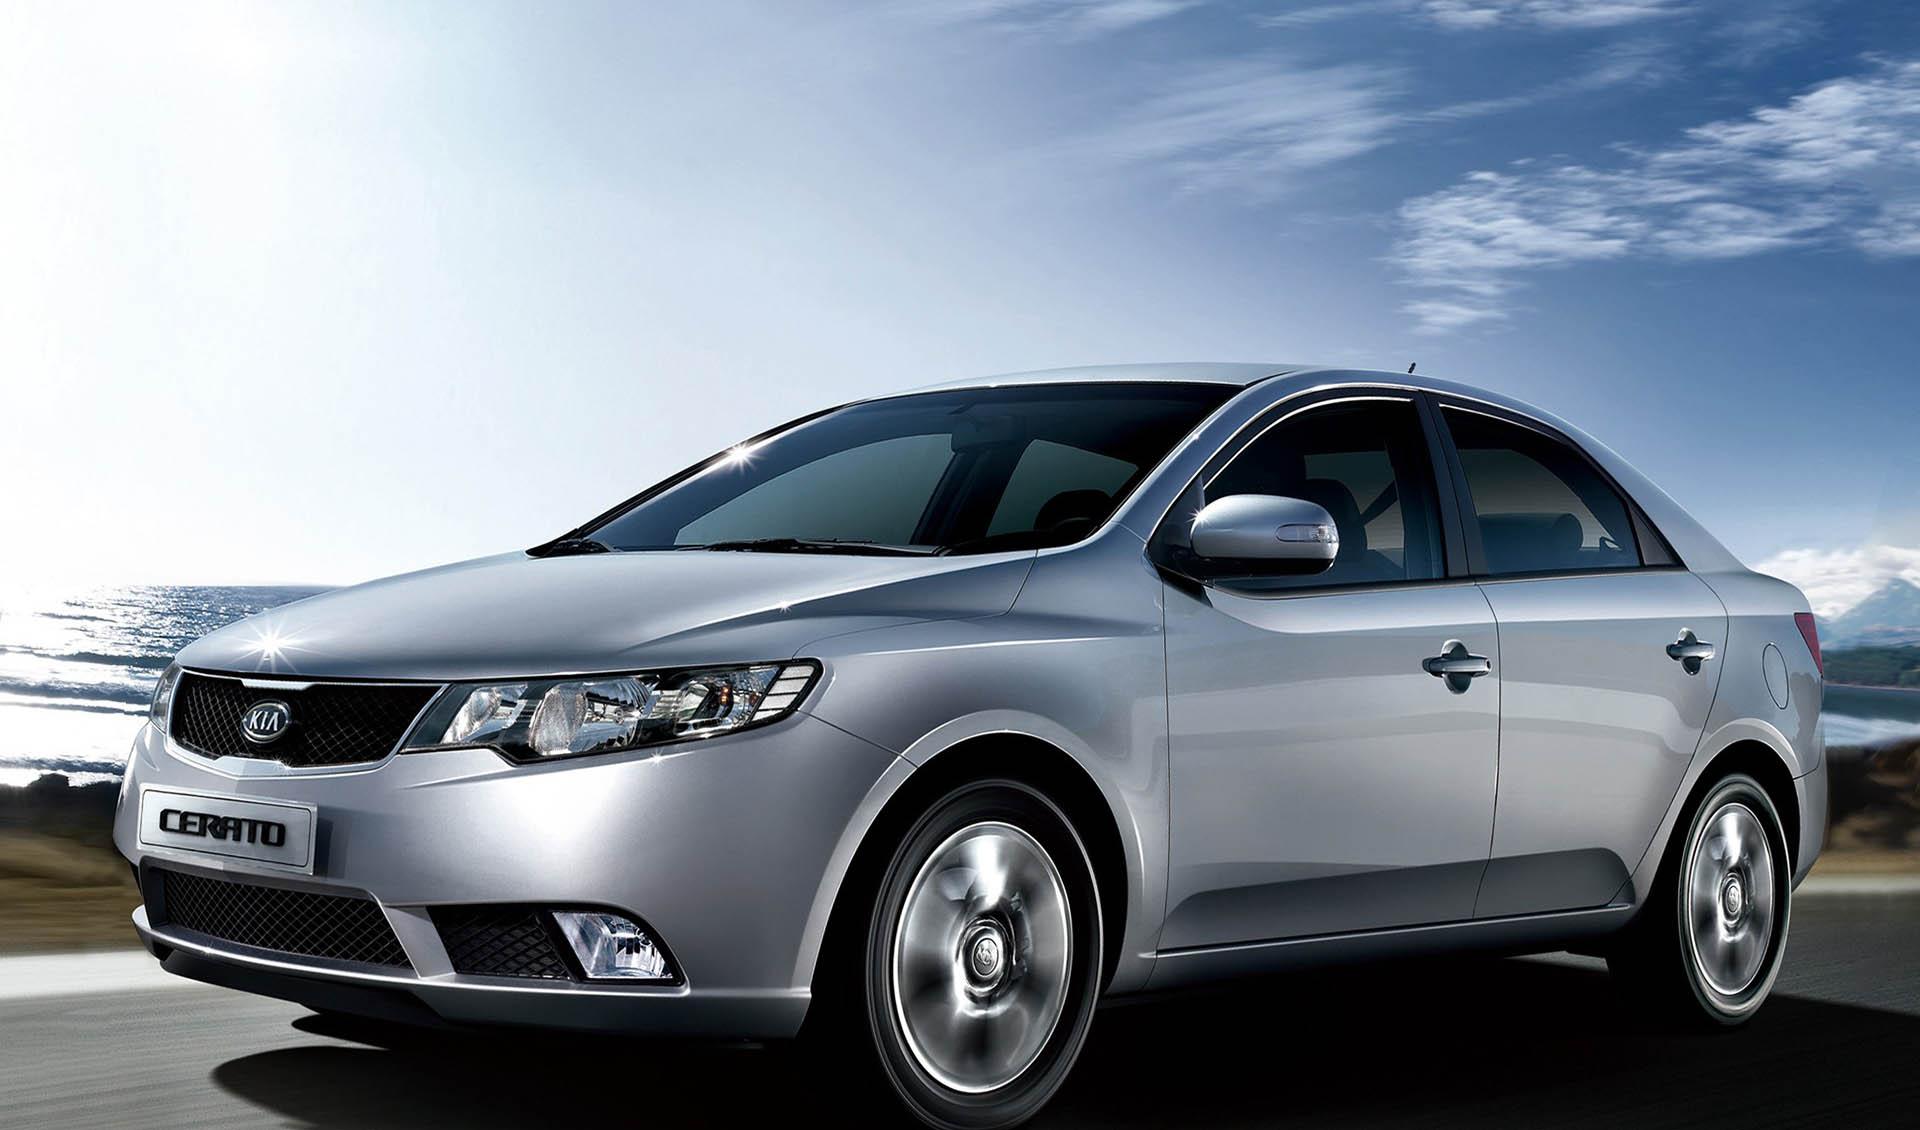 تازه ترین قیمت خودروهای خارجی در بازار